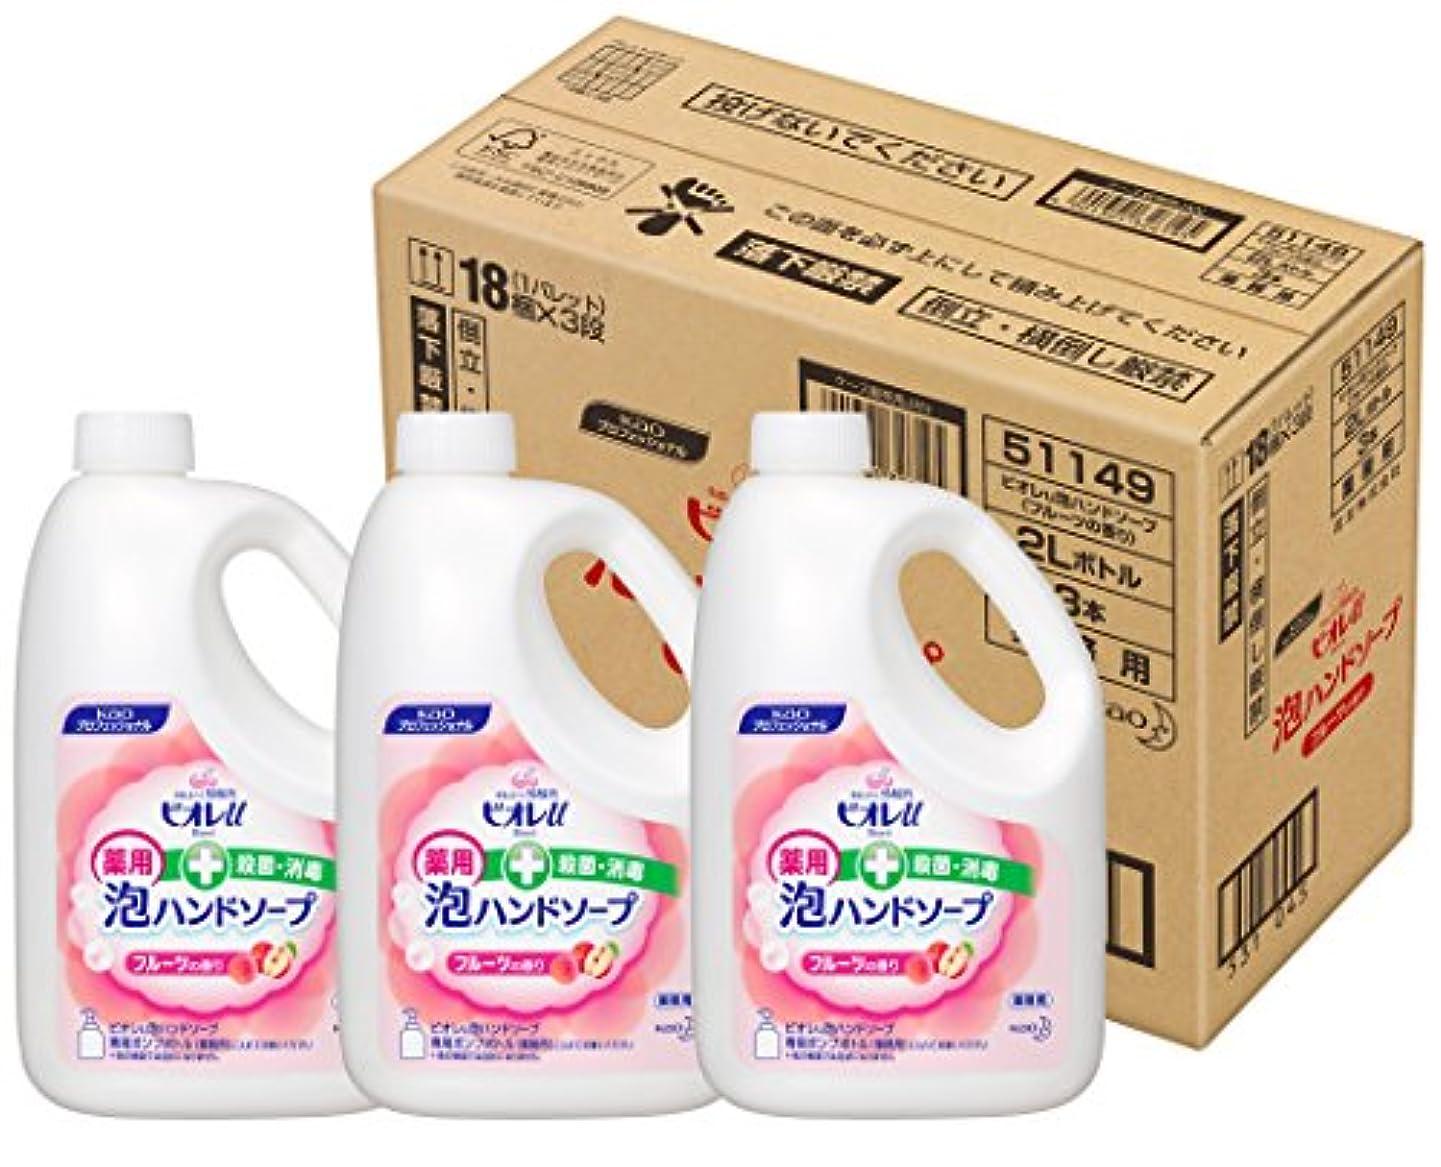 によって申し立てられた粗い【ケース販売 業務用 泡ハンドソープ】ビオレu 泡ハンドソープ フルーツの香り 2L×3(プロフェッショナルシリーズ)